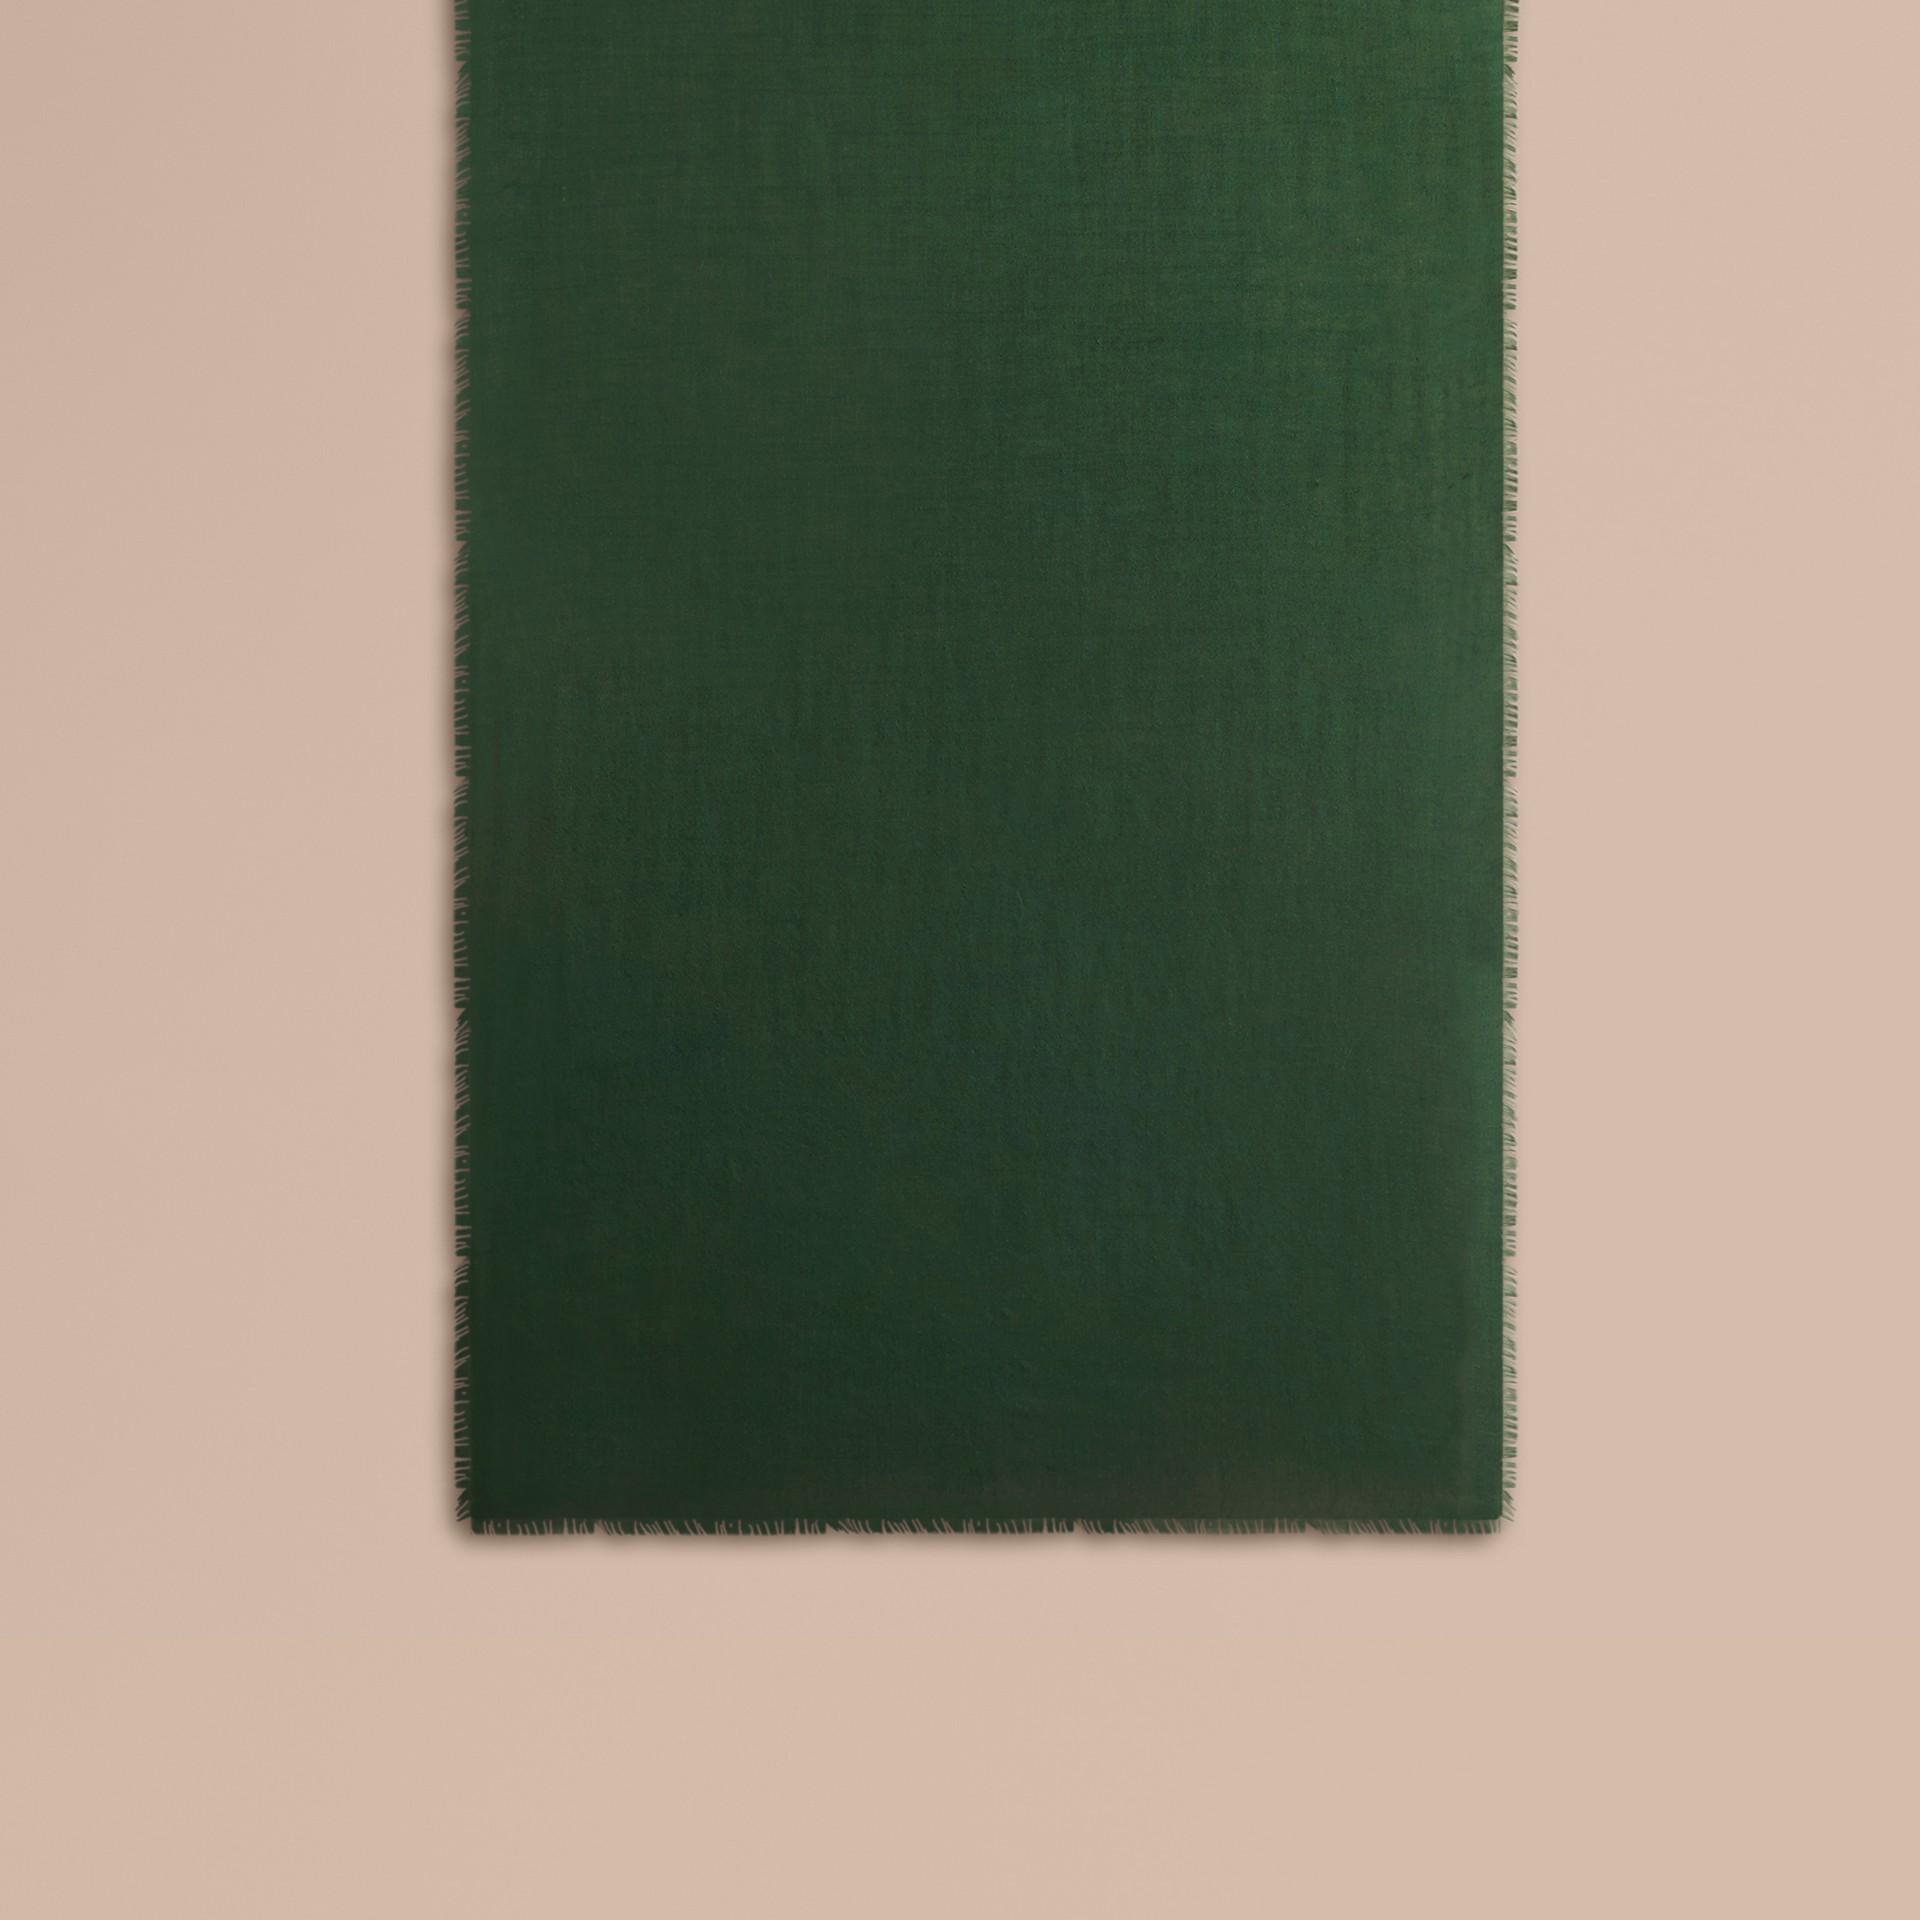 Легкий шарф из кашемира (Темно-зеленый Лес) | Burberry - изображение 2